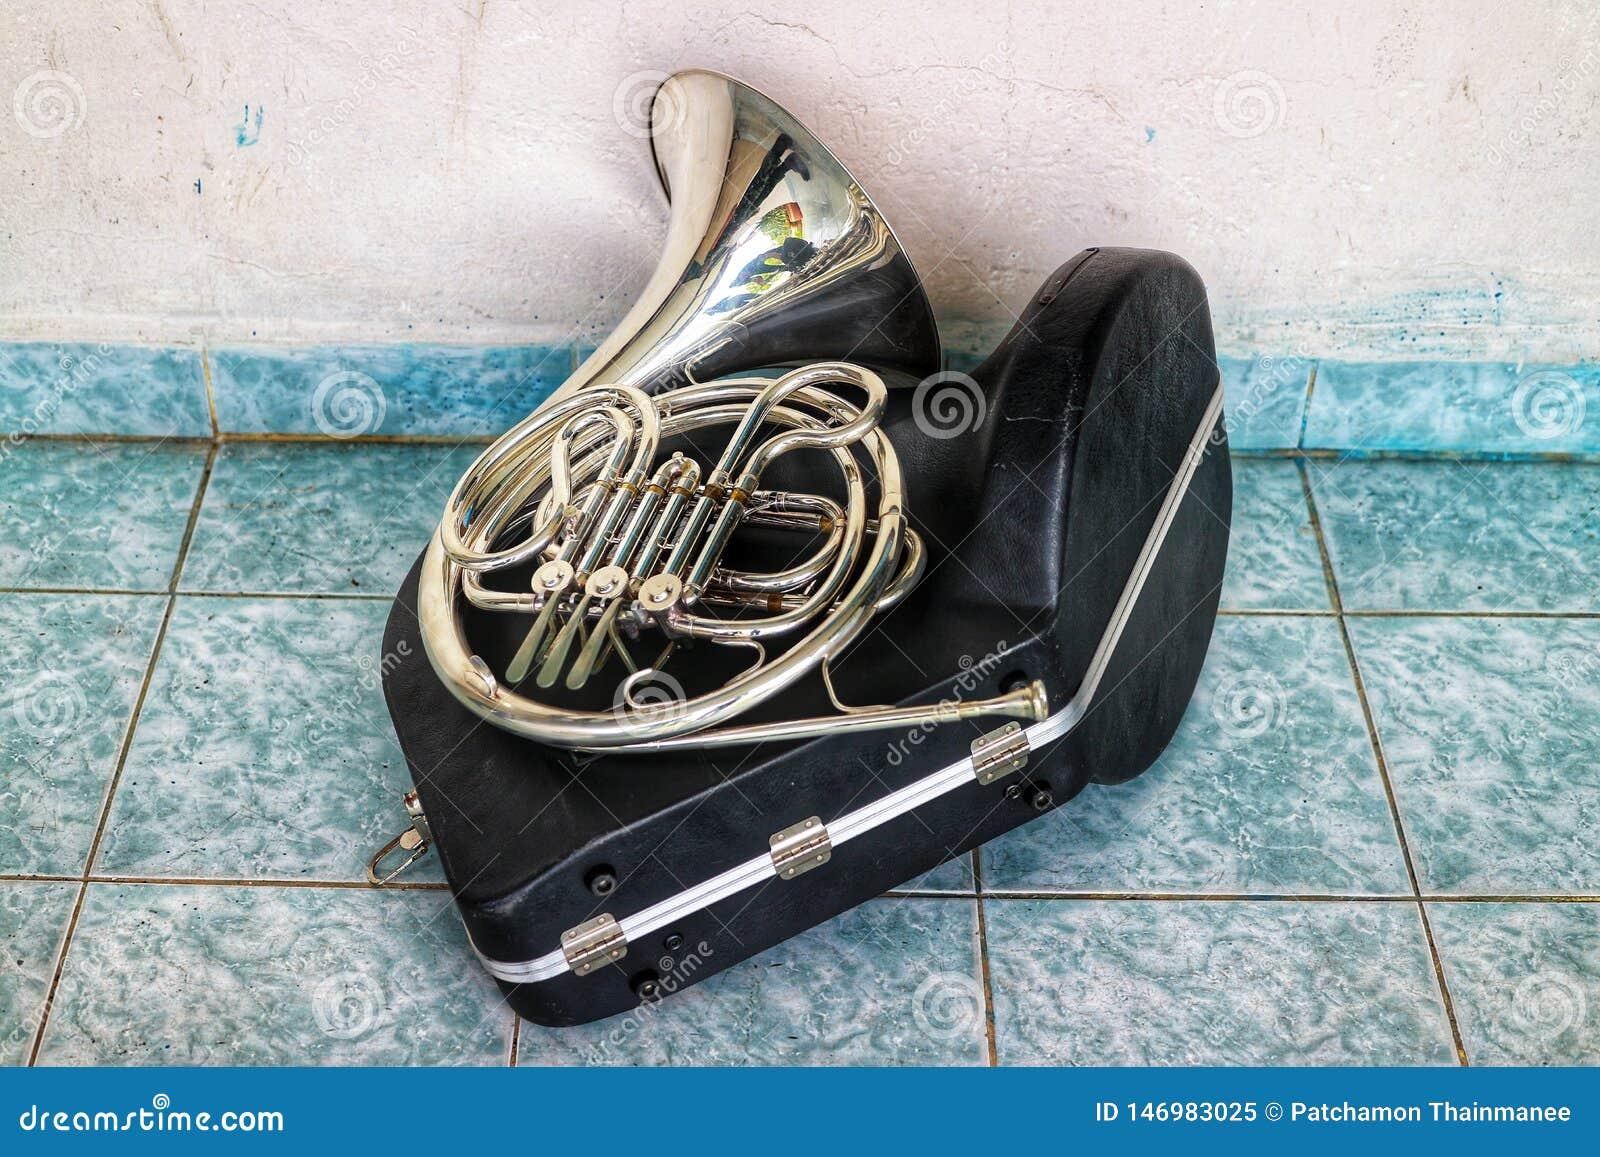 Horn ist eine Art Instrument in der Art des Messinggebläses